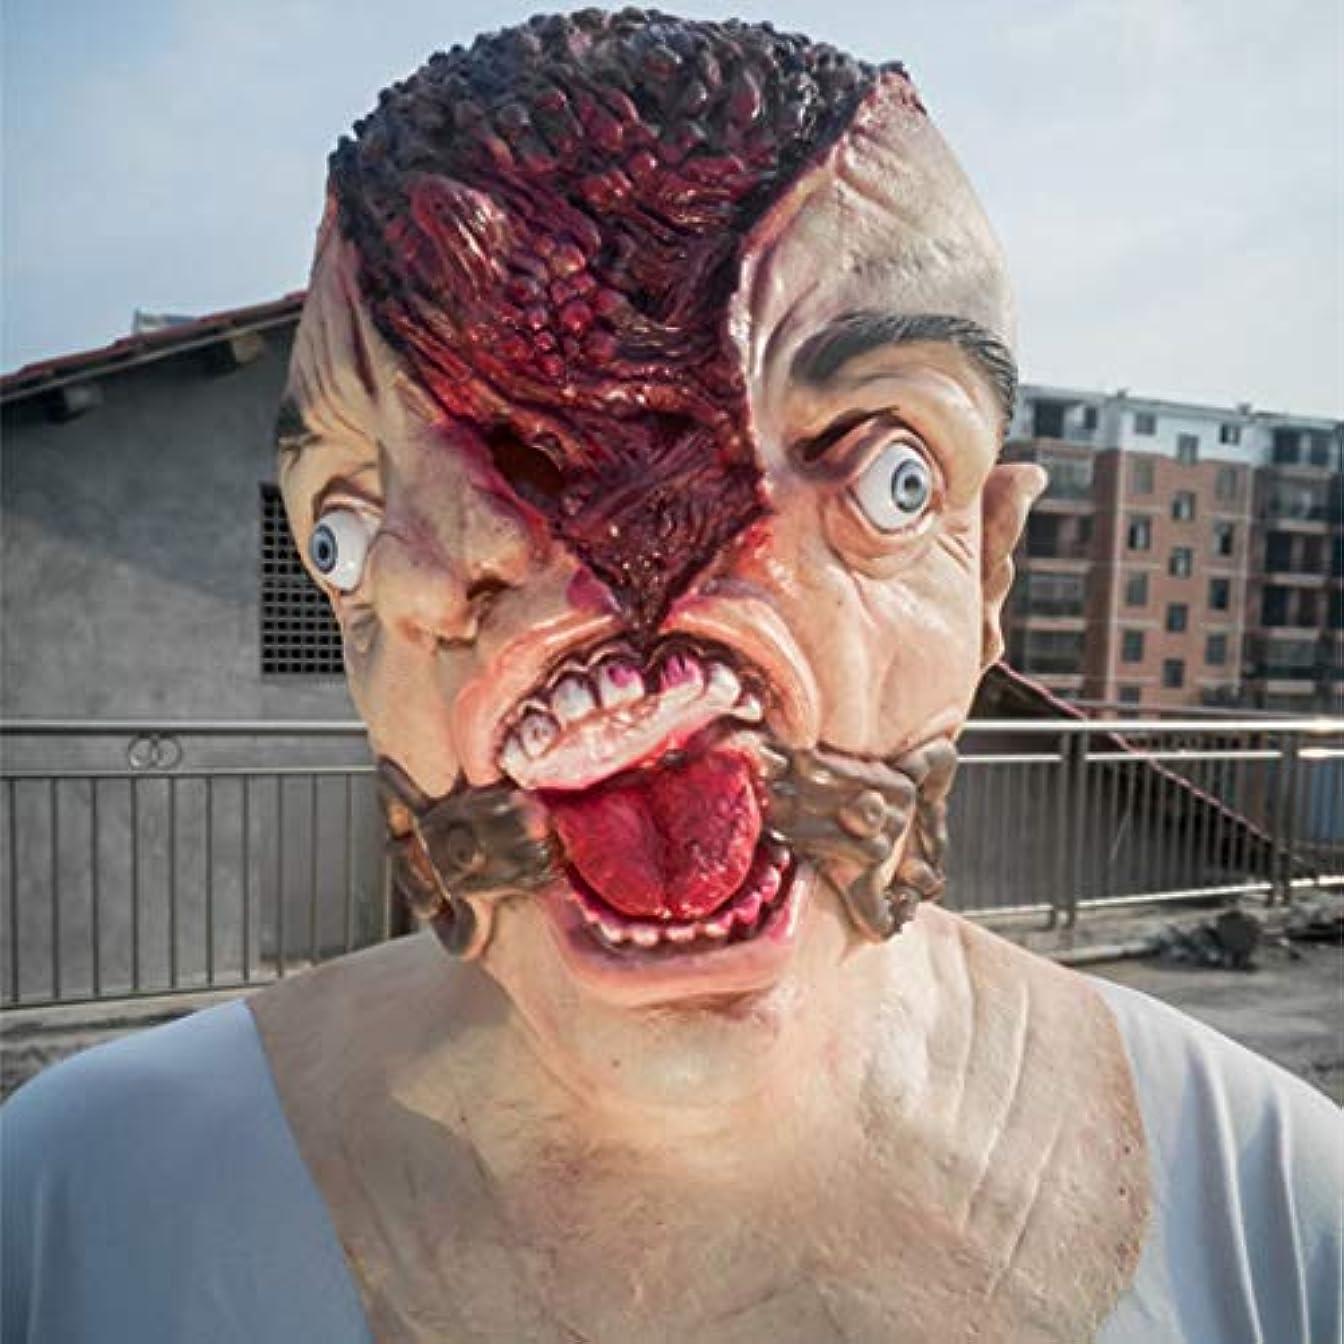 現像密輸店員ハロウィン大人のラテックスホラーマスクしかめっ面マスクパーティーマスク怖い悪魔マスク映画小道具仮面舞踏会マスク